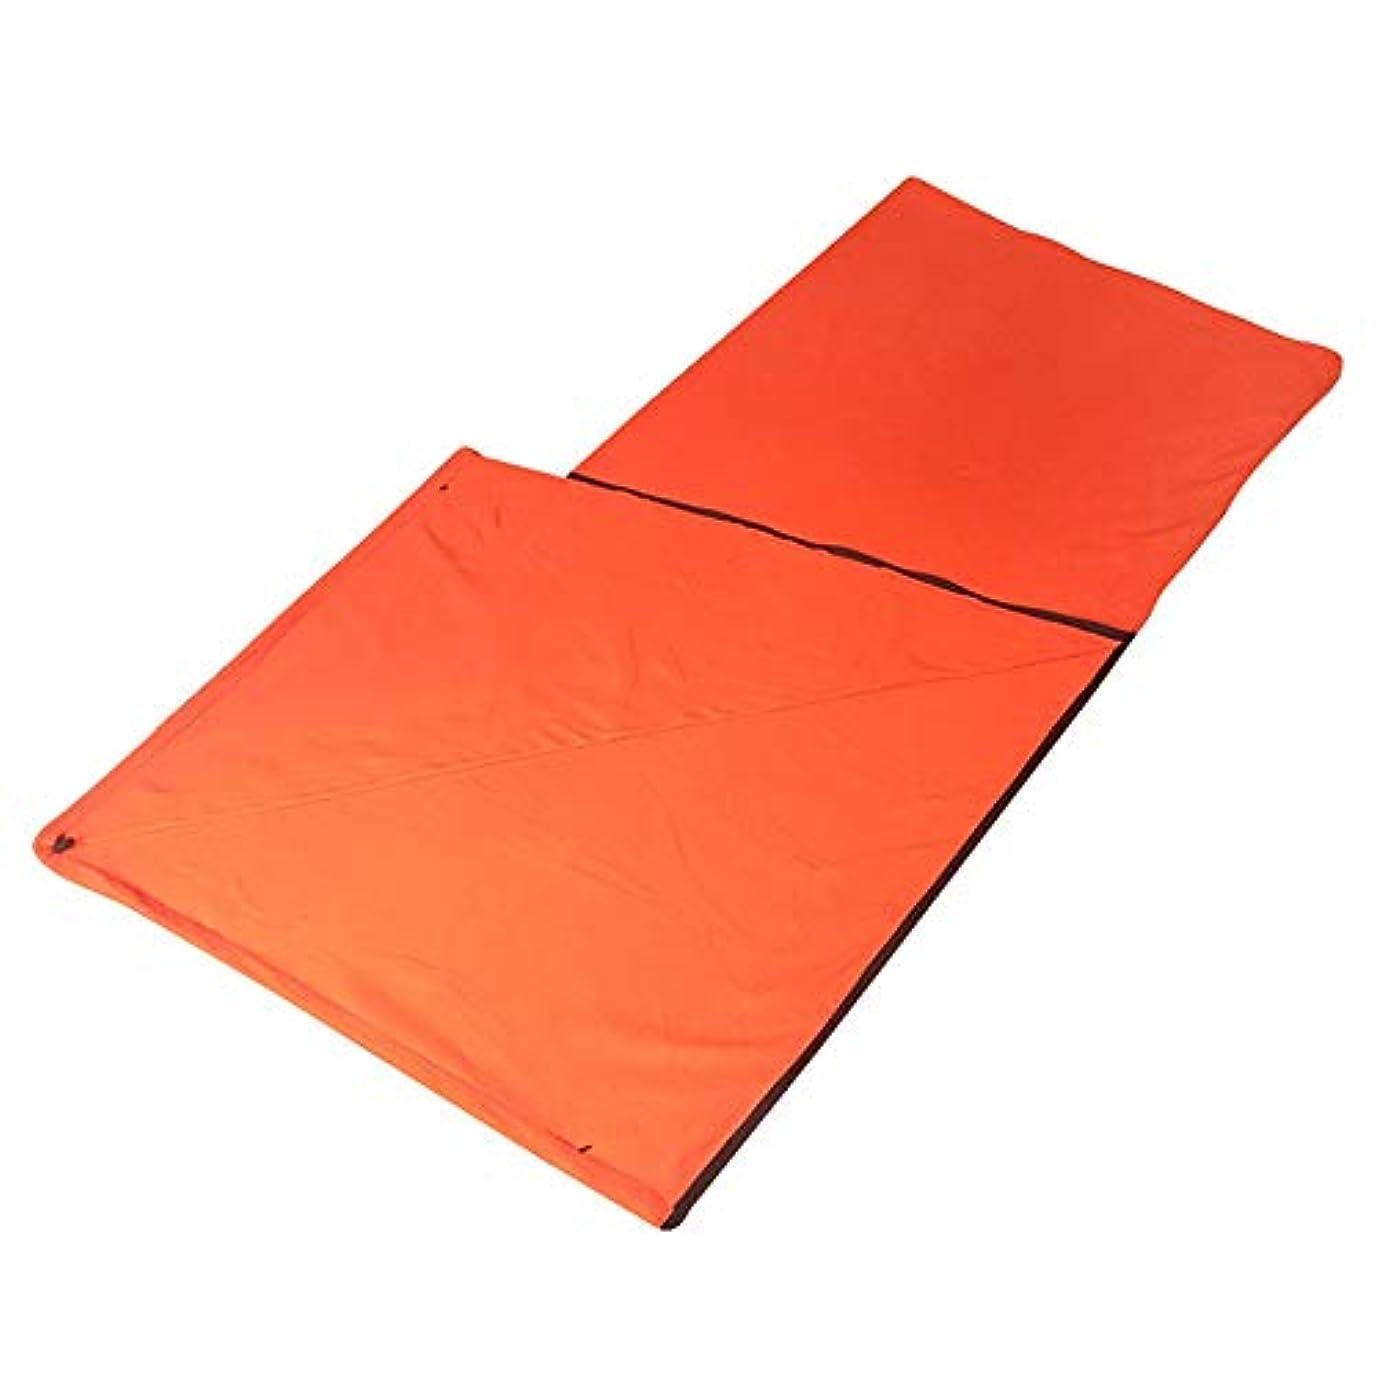 アブストラクトやろう工夫するTLMYDD 大人の寝袋綿封筒ラインランチブレイク寝袋シングルビジネス旅行簡単にクリーニング600 g 寝袋 (Color : Orange)